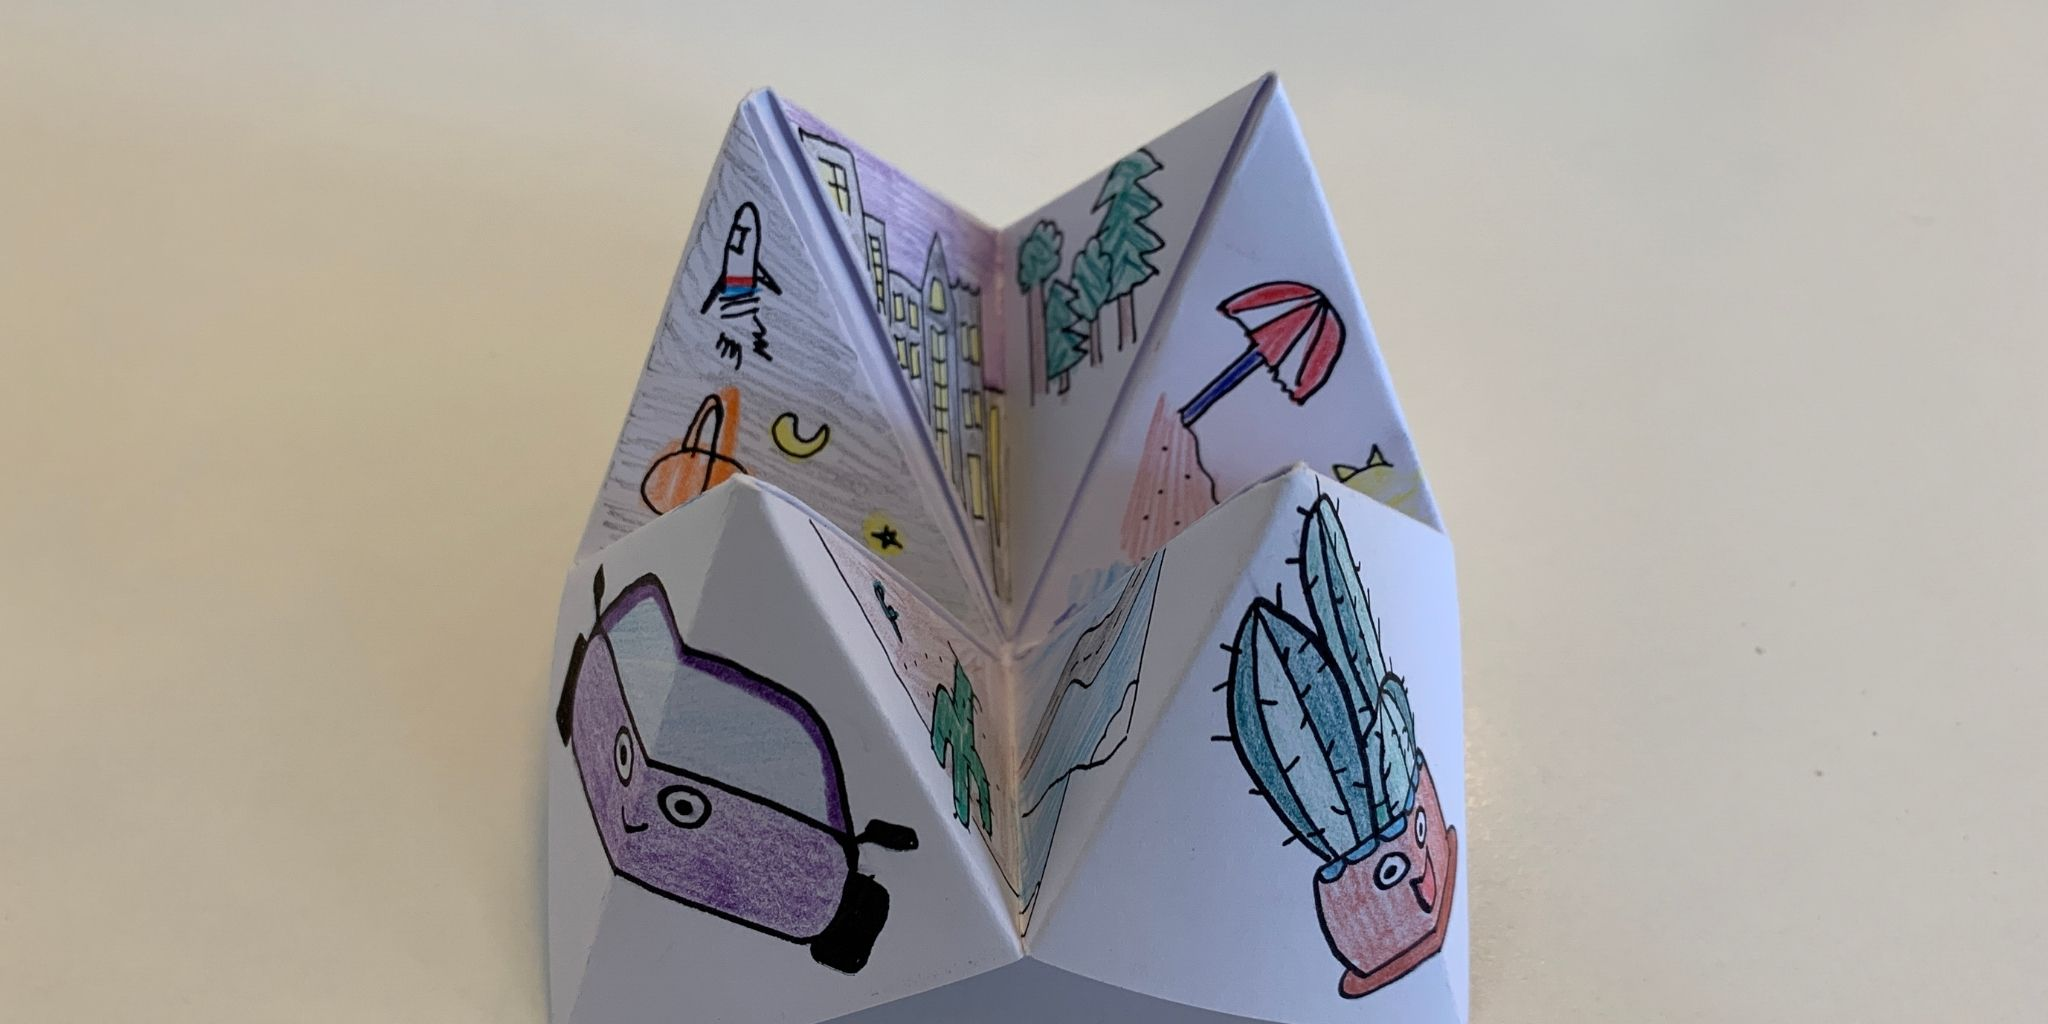 Origami pripovedovalec zgodb